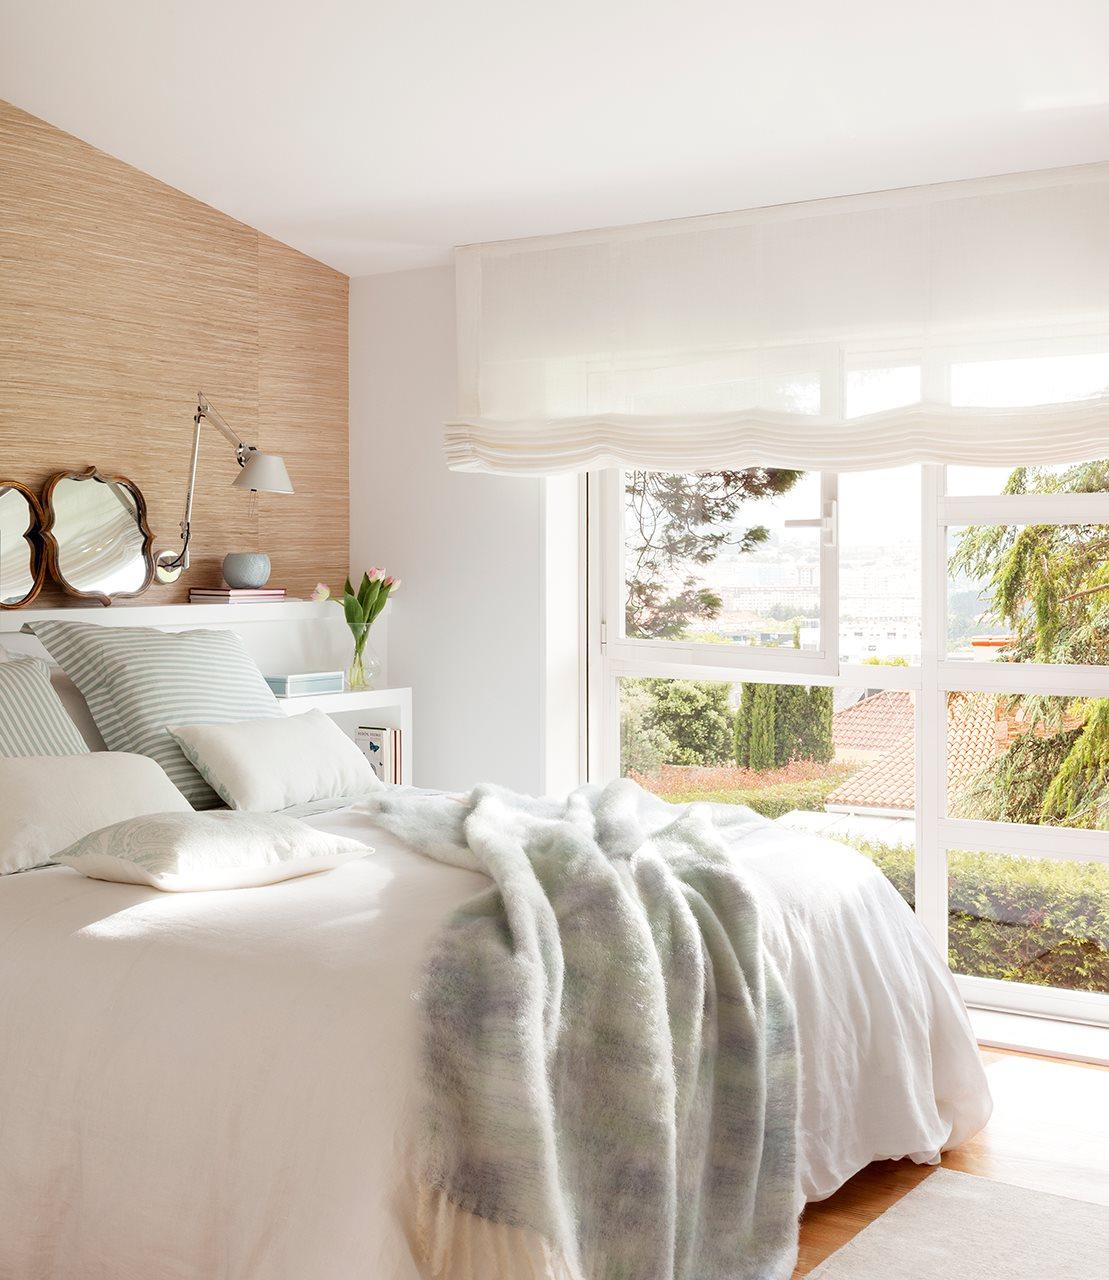 Cabeceros de cama con mesillas integradas excellent - Cabecero mesillas integradas ...